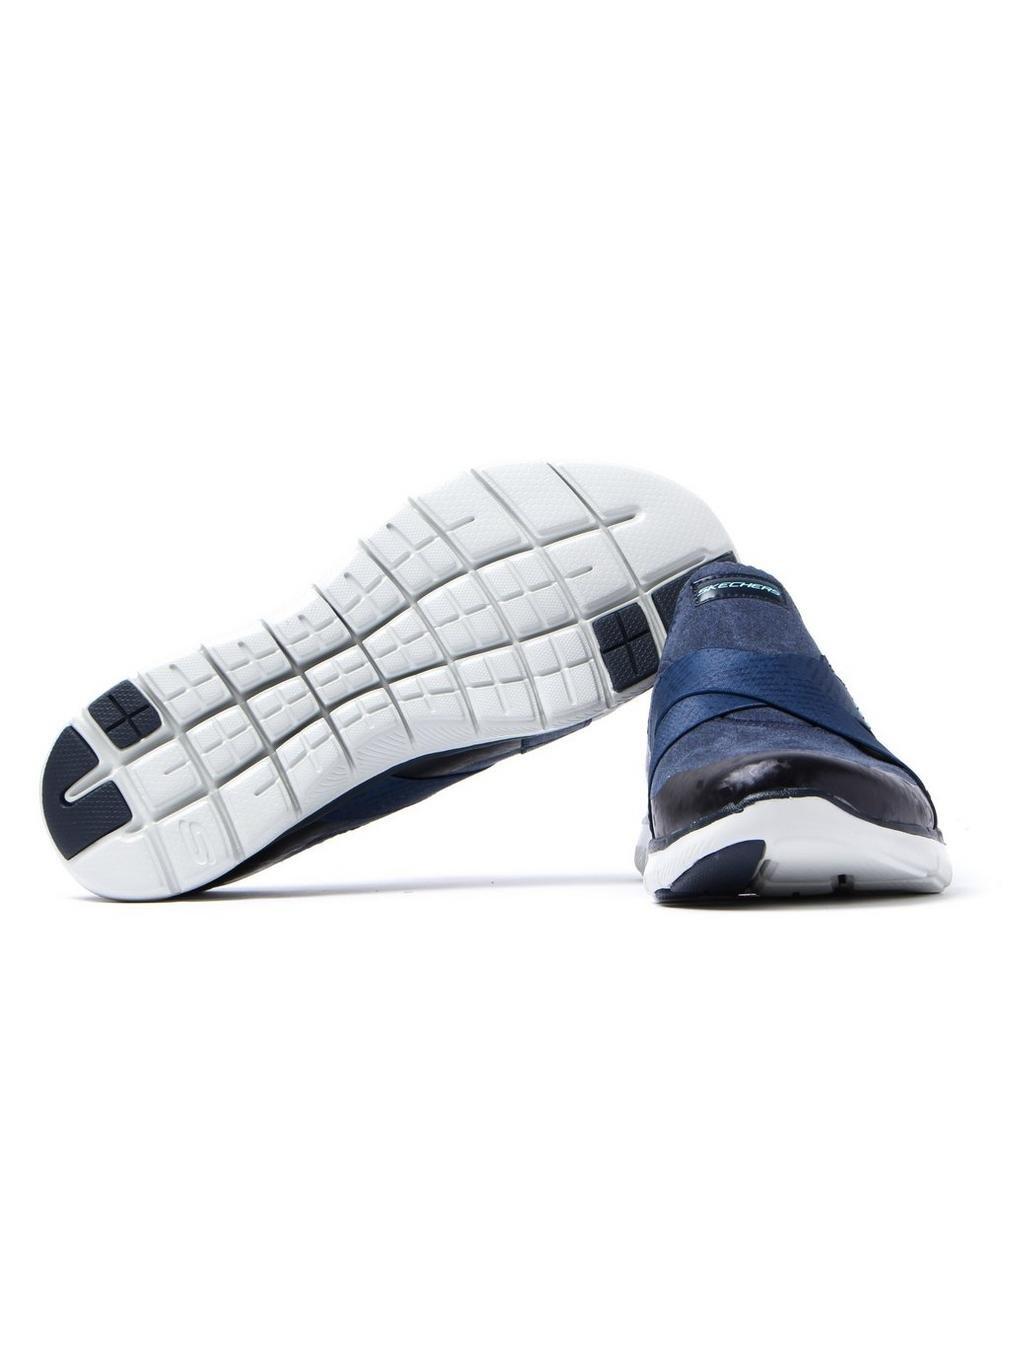 Skechers Damen Flex Appeal 2.0-Bright Eyed Running Running Eyed Trainers für Einen Sportlichen Look und Tragekomfort mit Air Cooled Memory Foam Einlegesohle Marineblau 401085